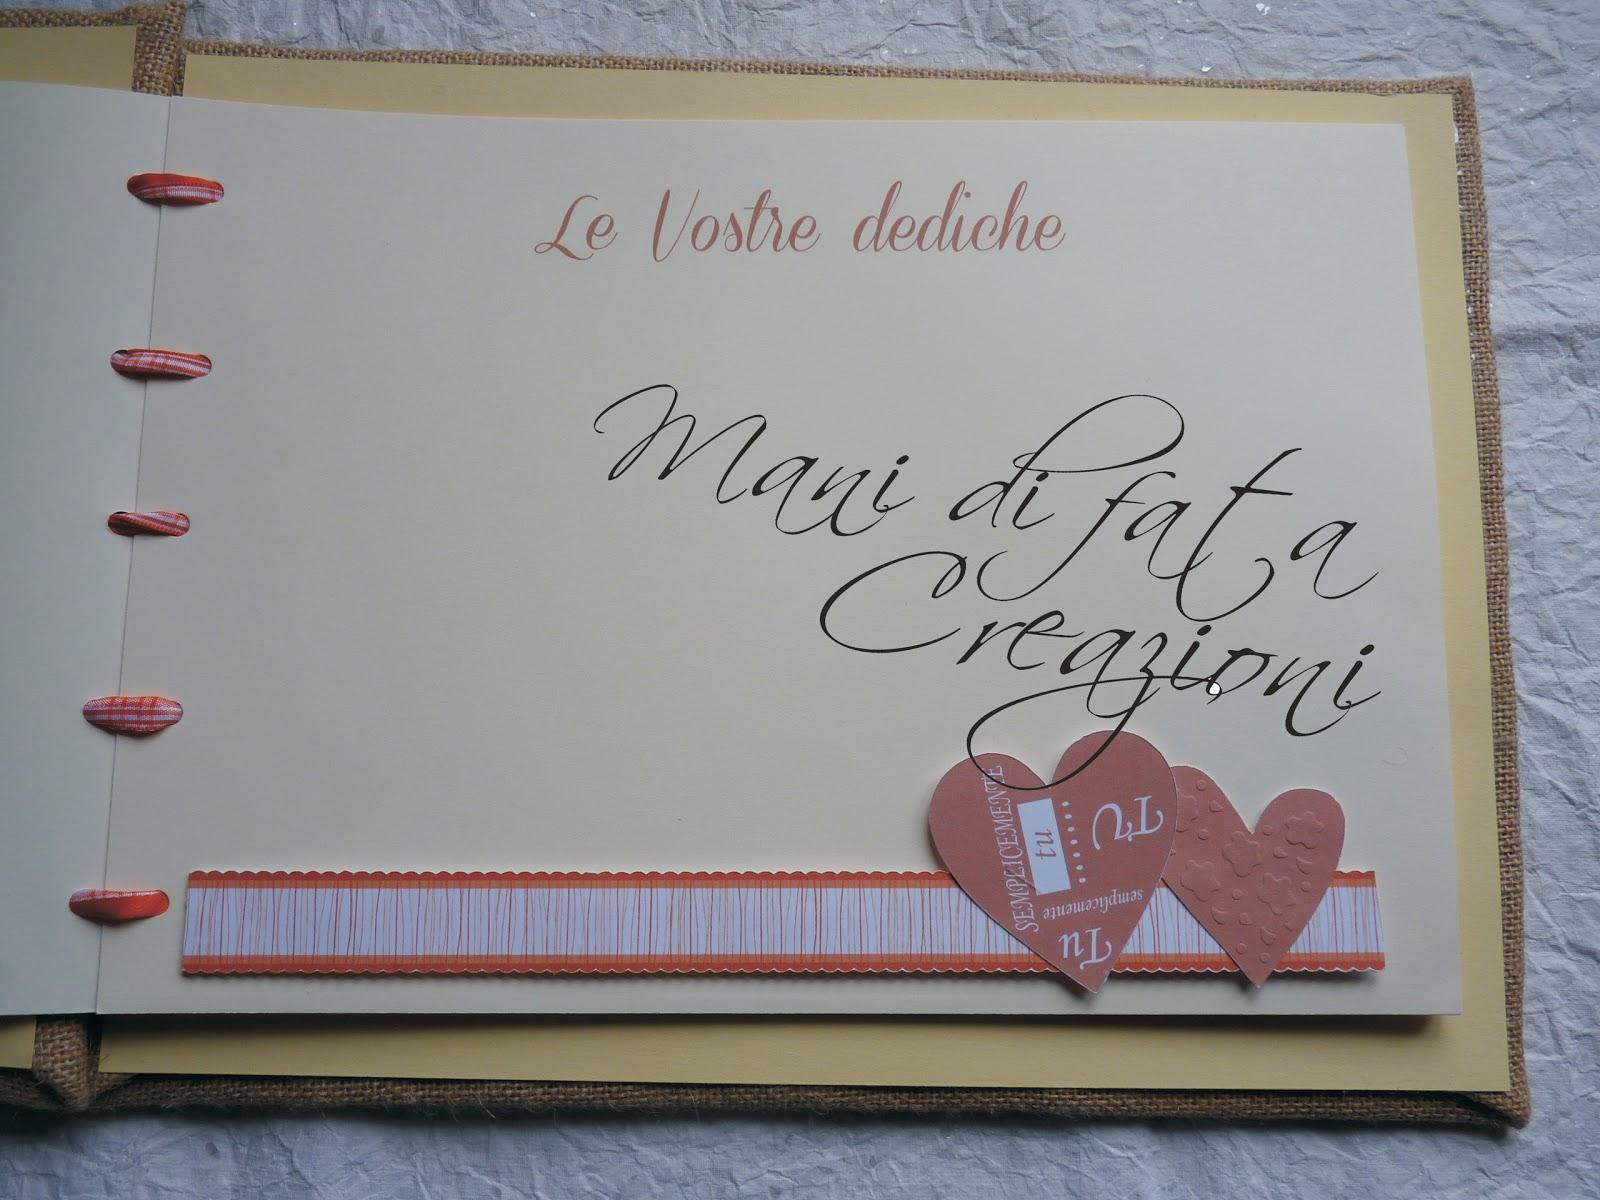 Guestbook Matrimonio Rustico : Mani di fata creazioni guestbook matrimonio e penna rustico